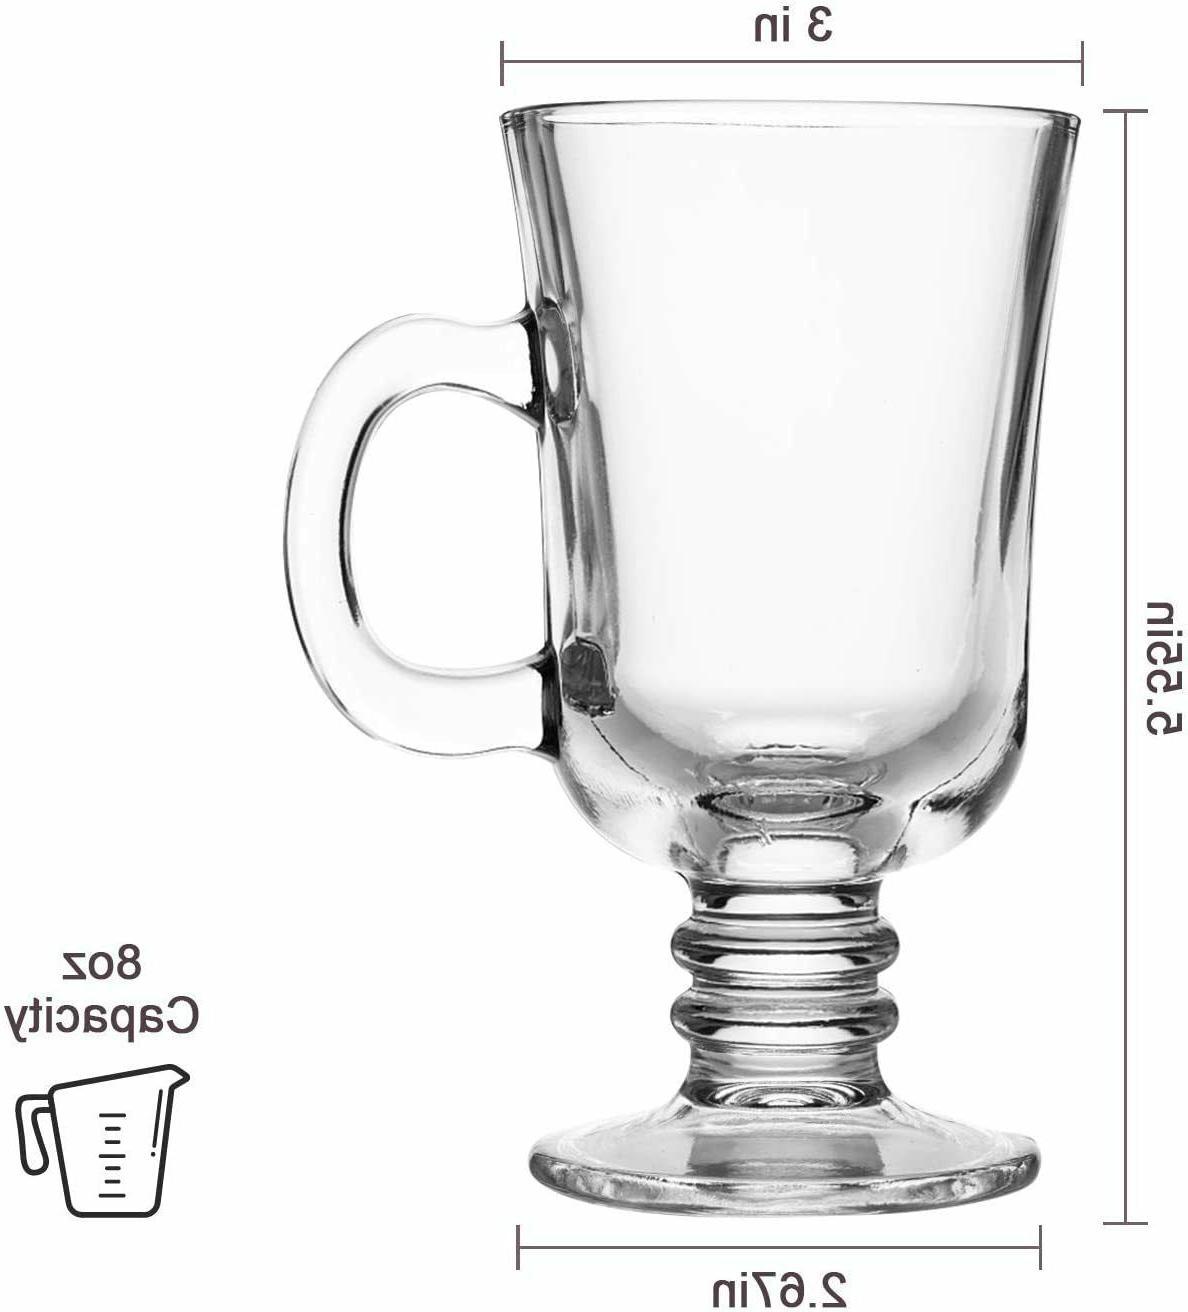 8oz Mug,Glass Mugs Handle,Drinkware